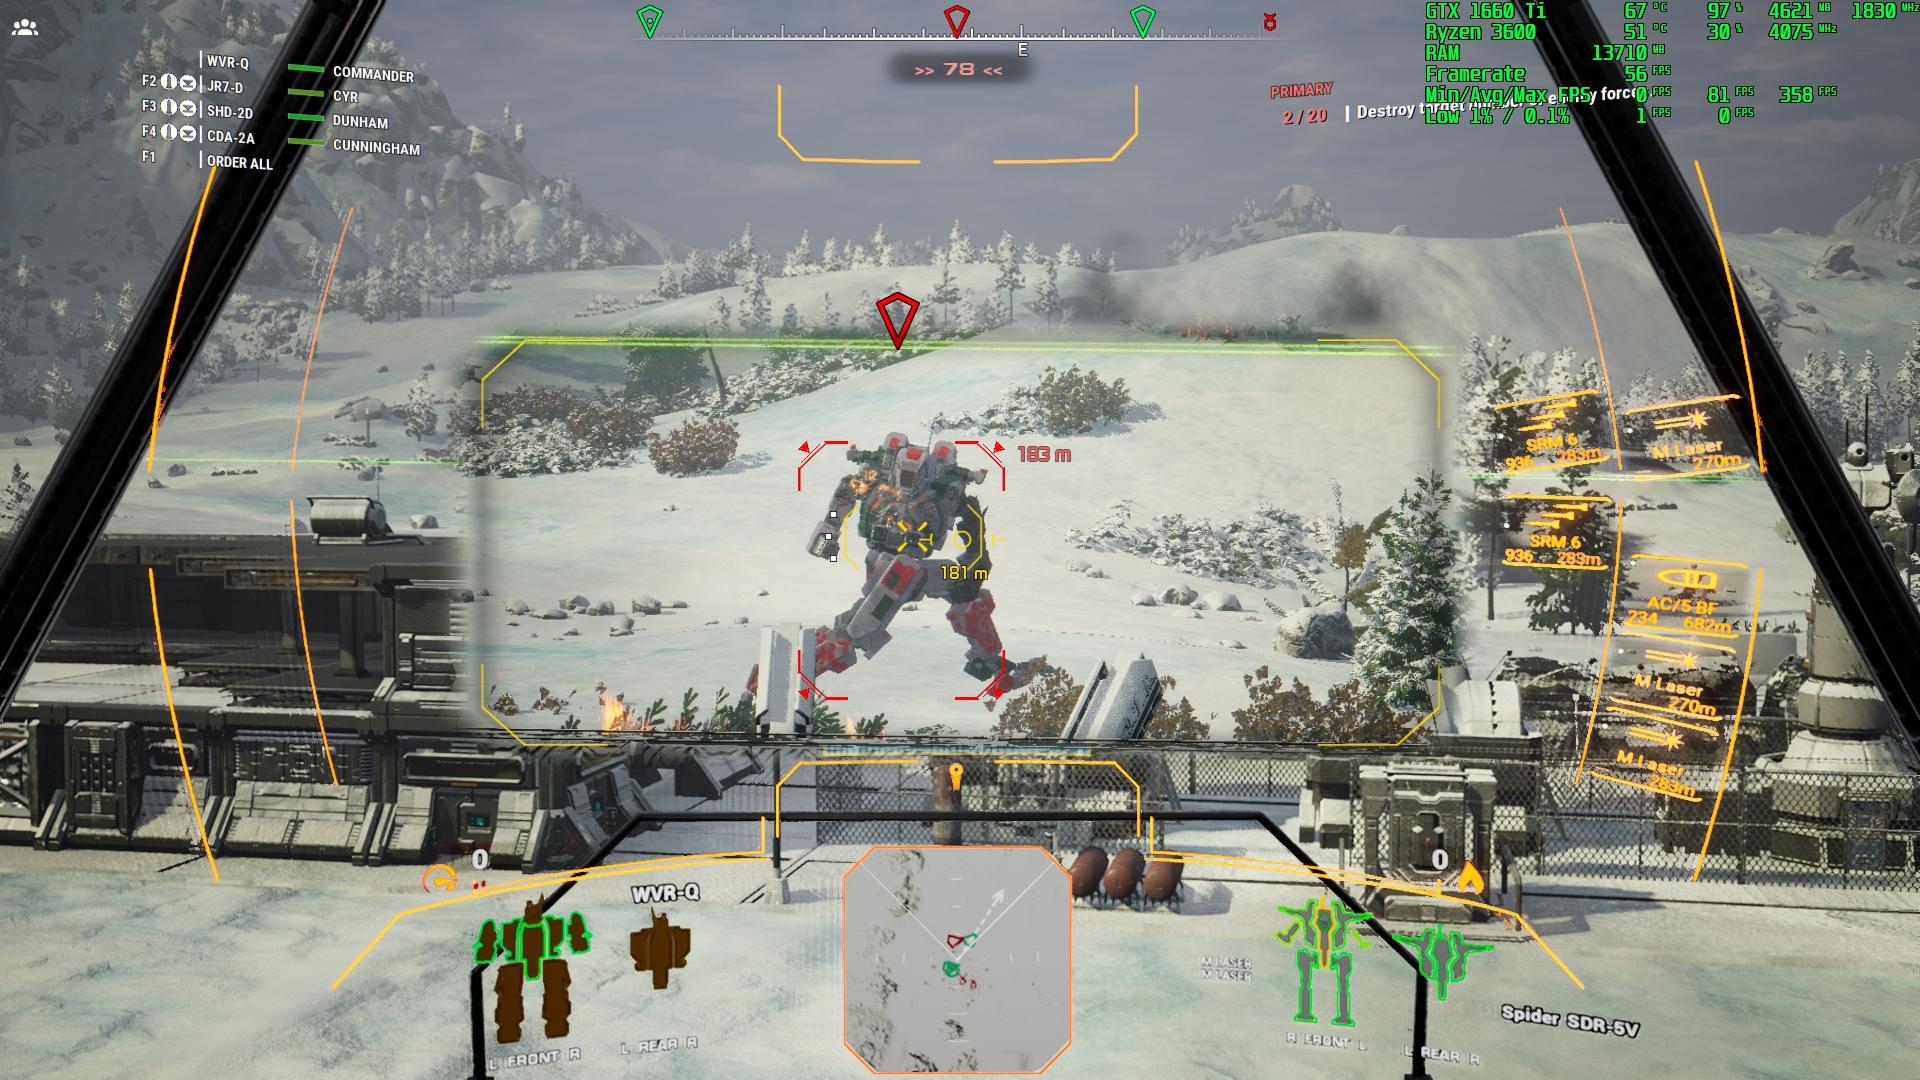 MechWarrior-Win64-Shipping_2020_05_13_00_58_14_412.jpg